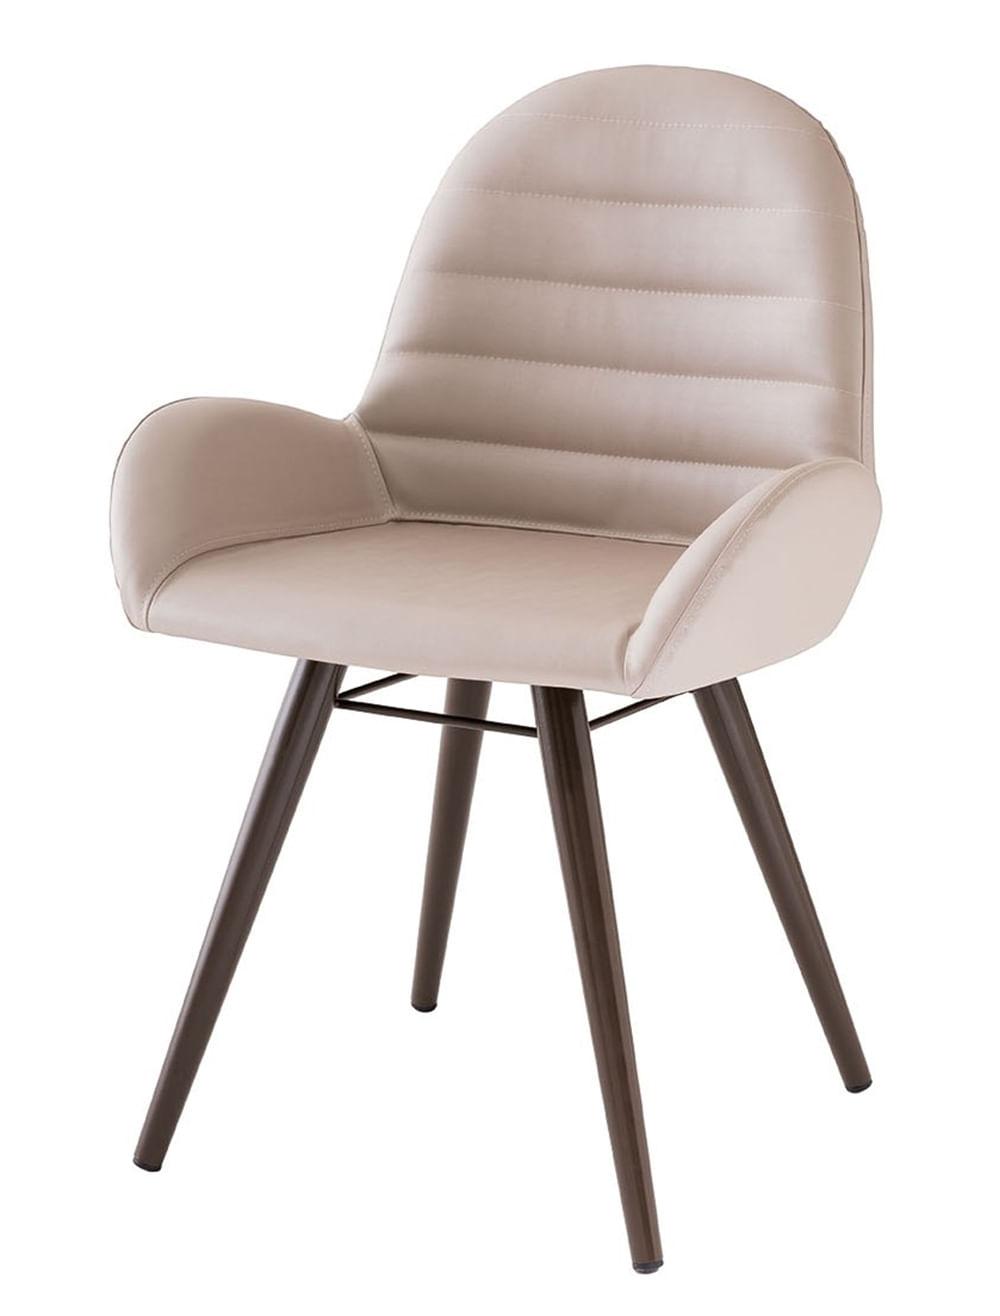 Cadeira Arm Assento Estofado Dunas Fendi com Base Tabaco - 46864